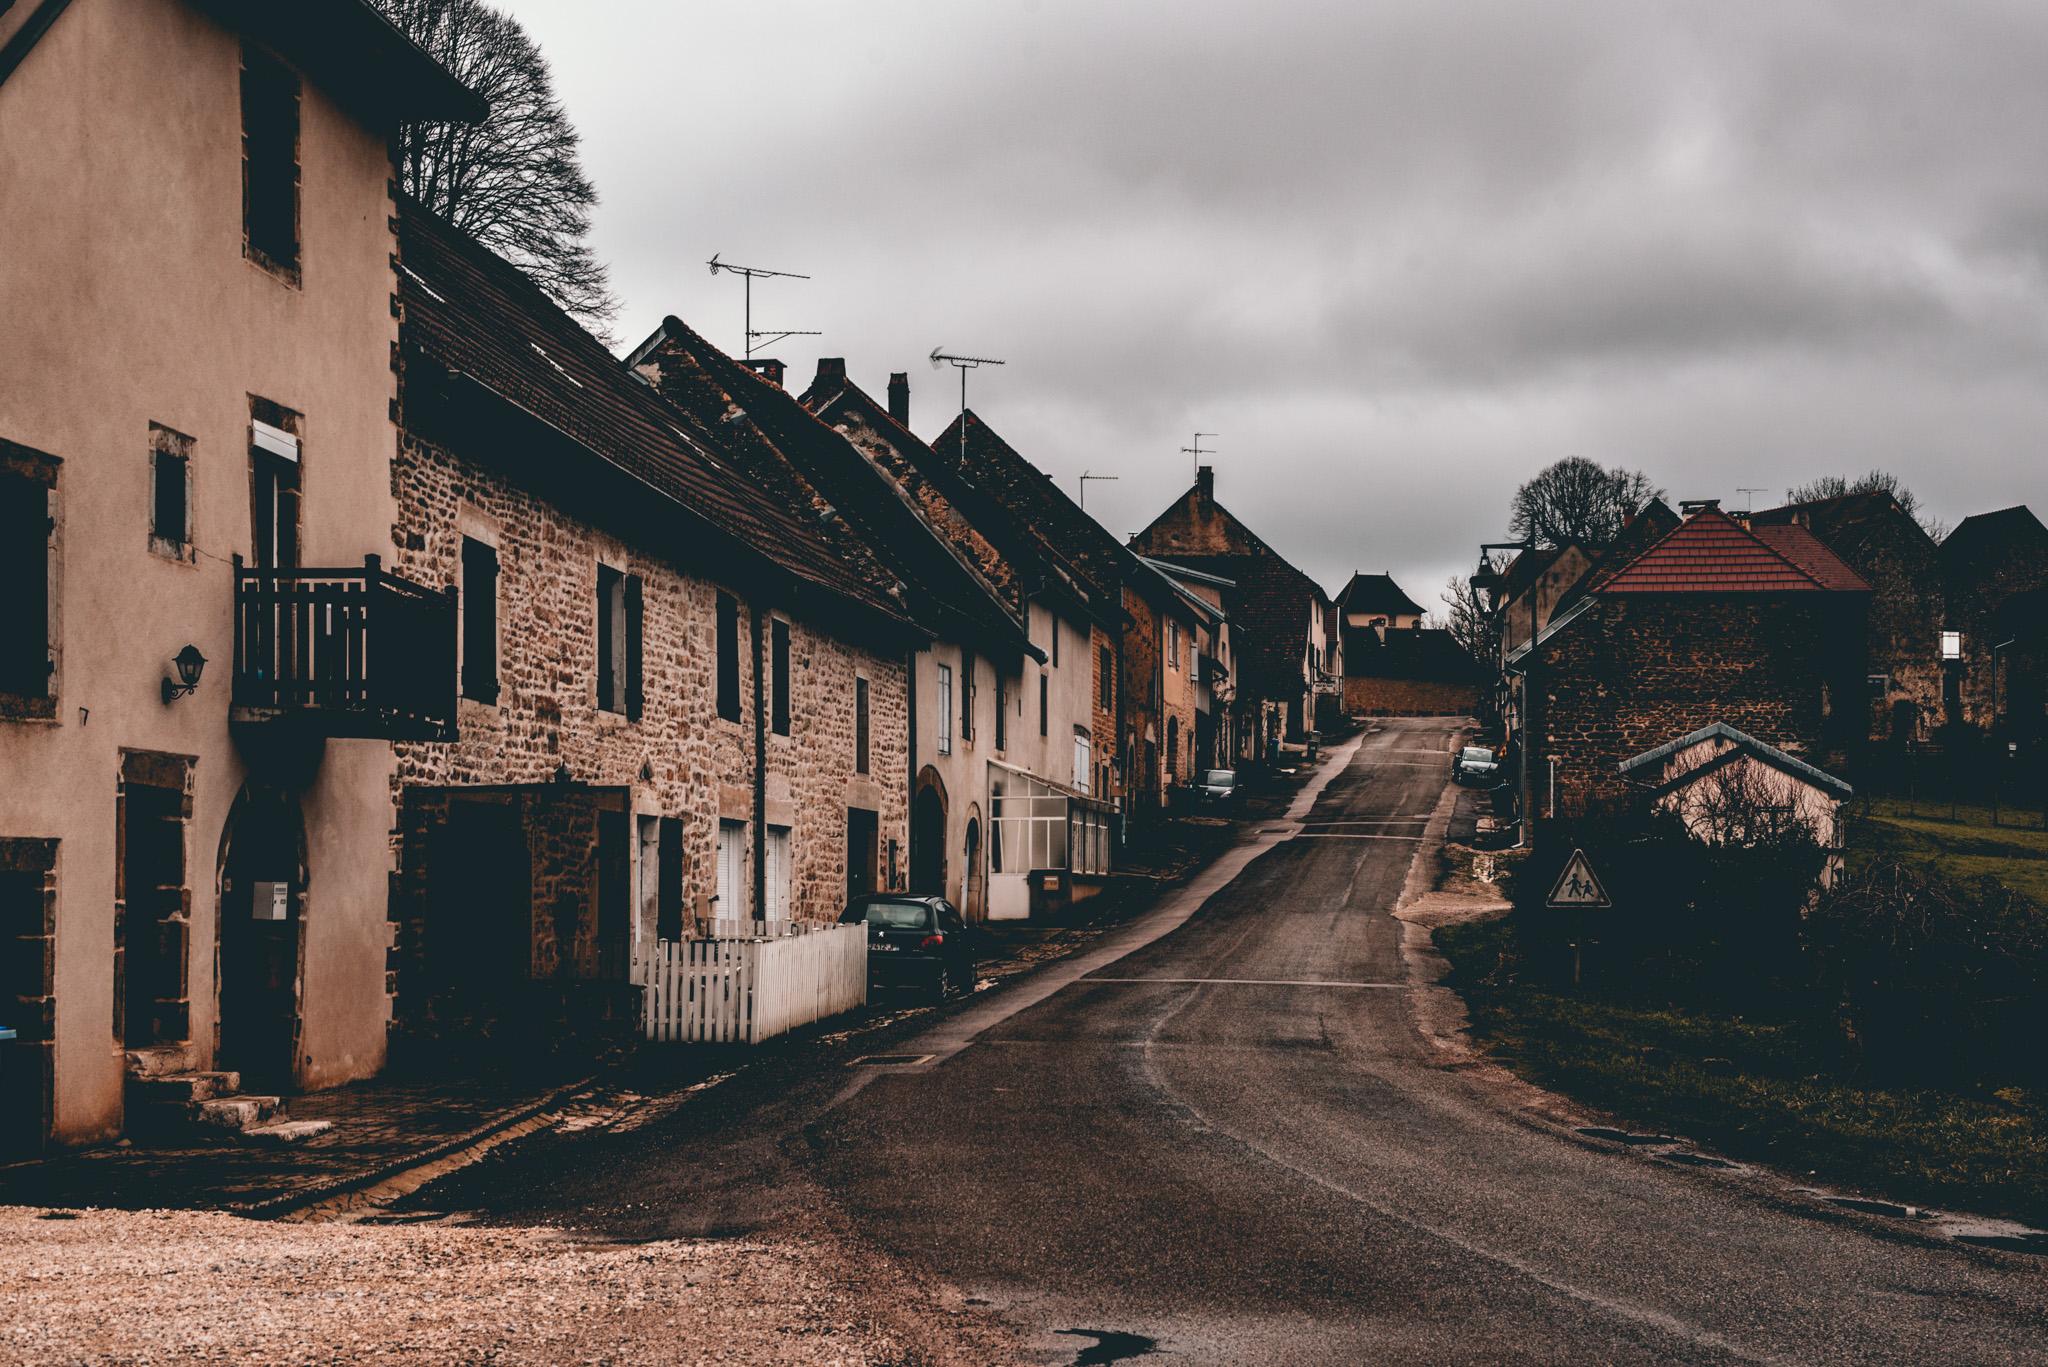 France : Jura : Scenery in Mantry